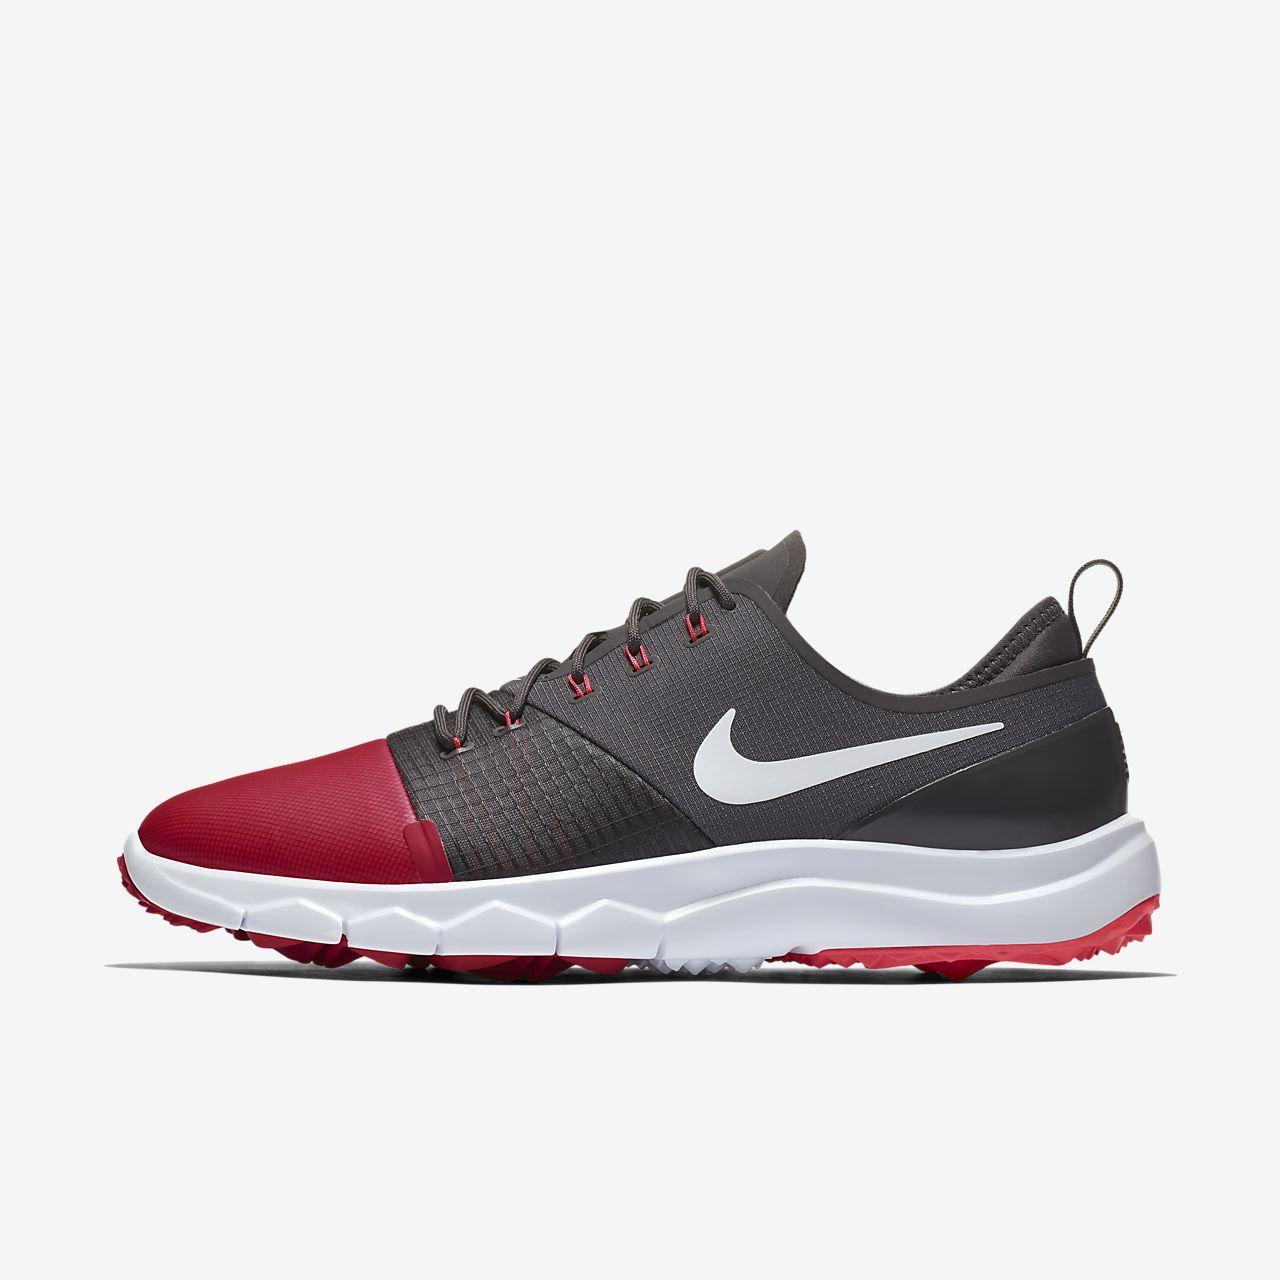 Scarpa da golf Nike FI Impact 3 - Donna